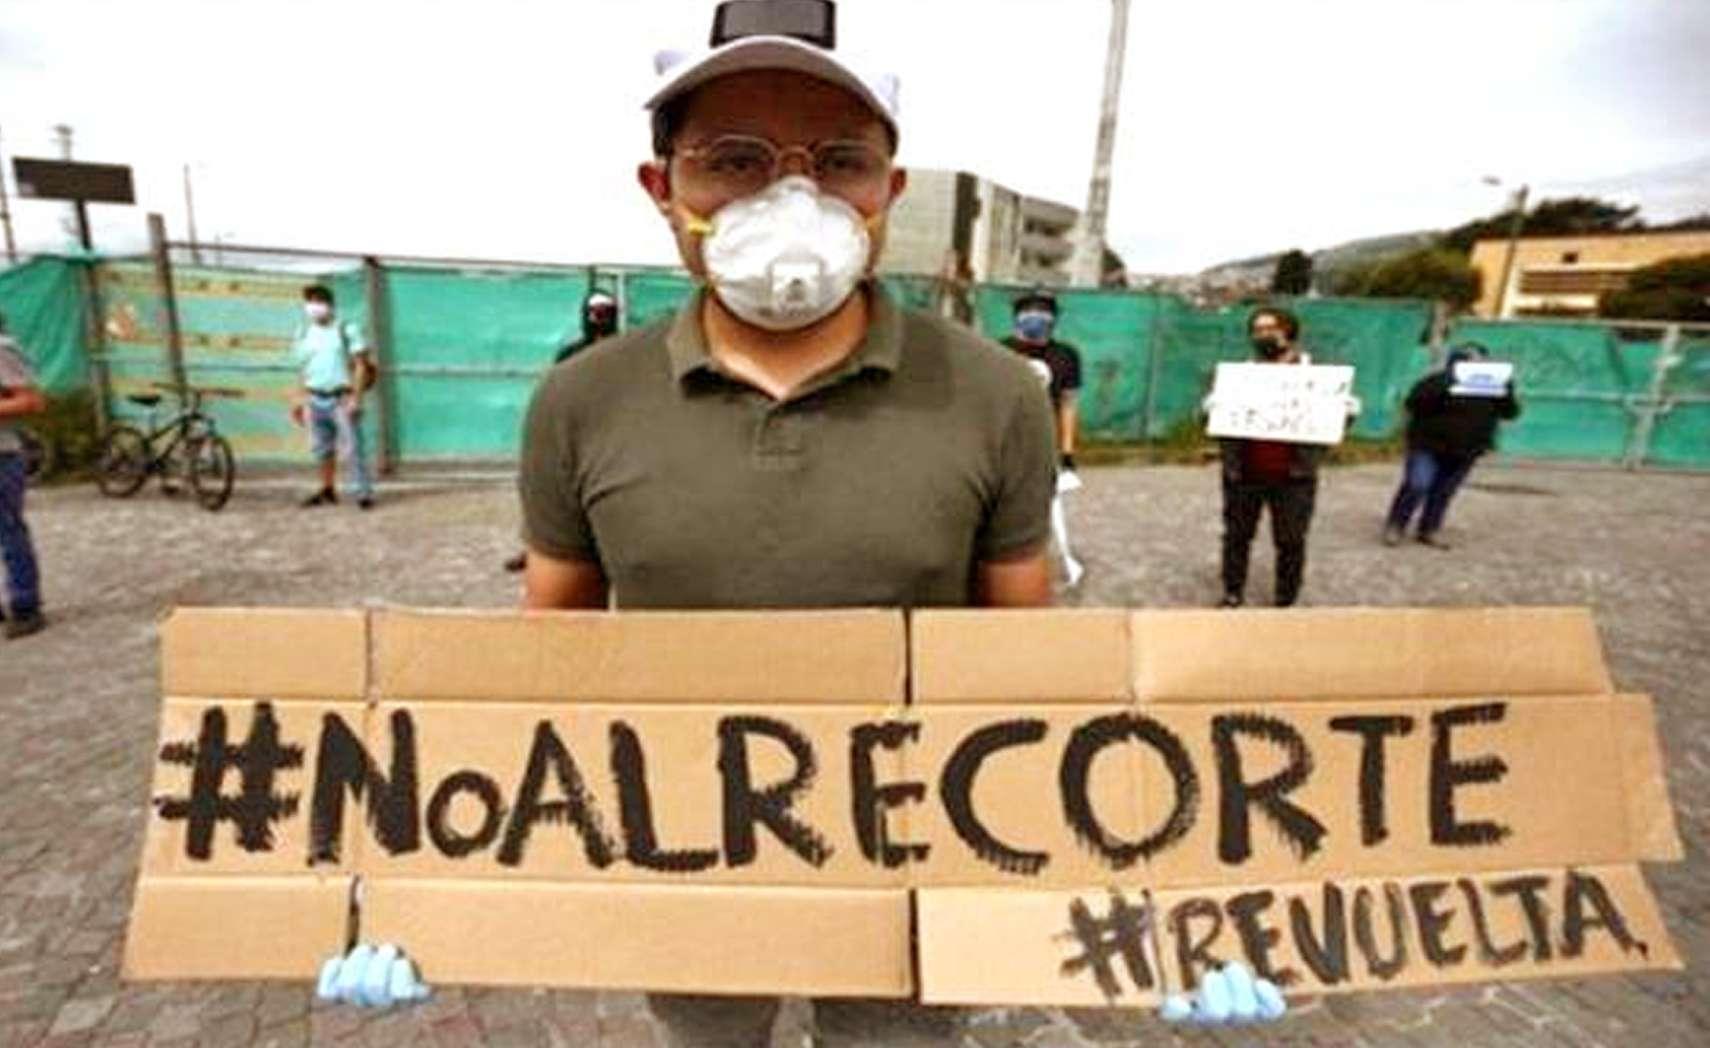 Οι σιδηροδρομικοί του Ισημερινού απορρίπτουν τις ιδιωτικοποιήσεις